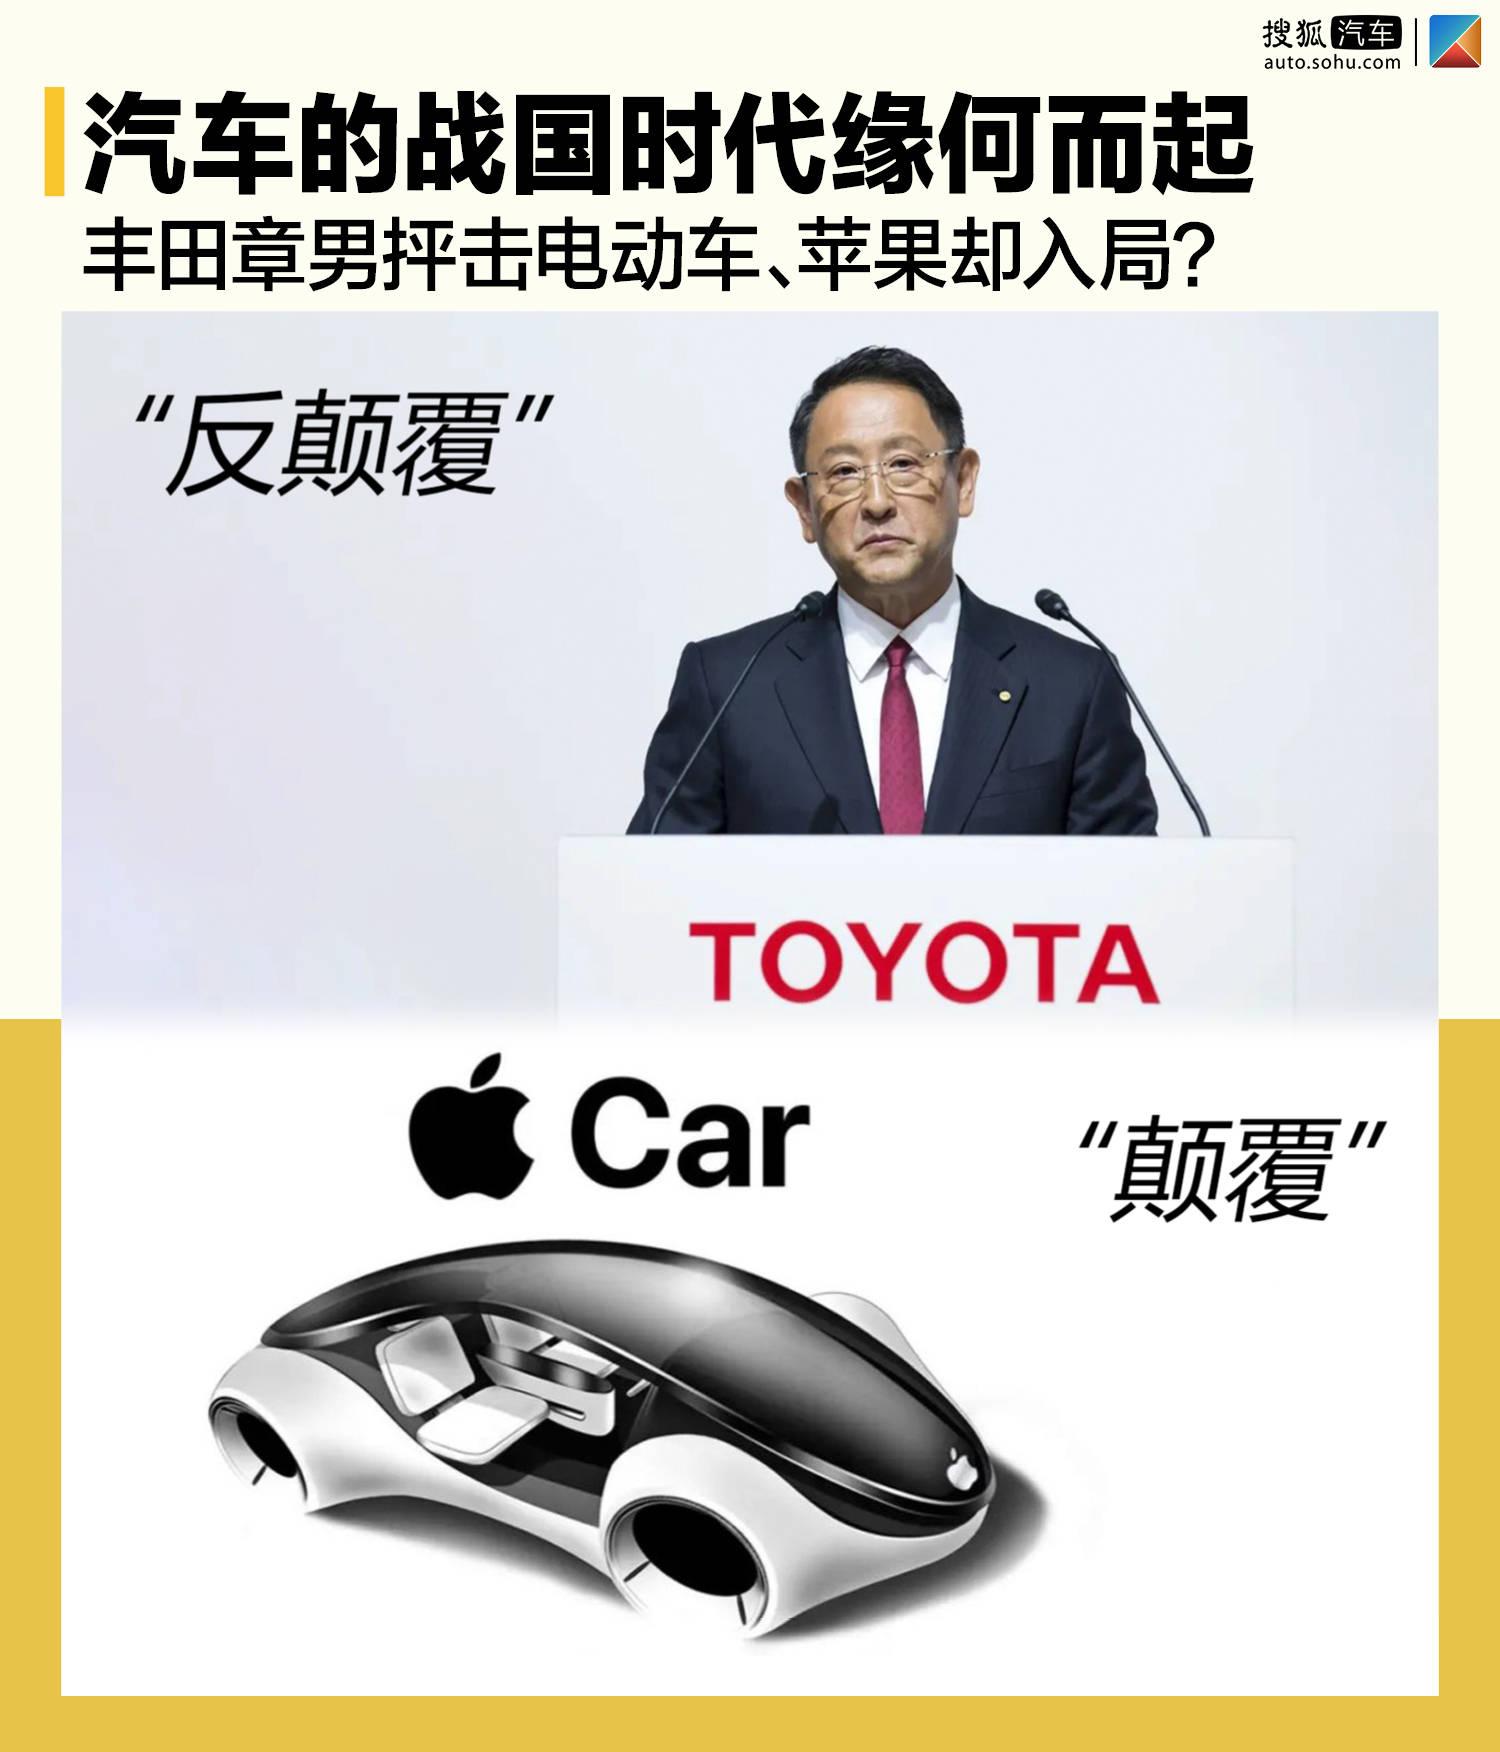 丰田章男抨击电动车、苹果却入局 汽车为何会出现战国时代?